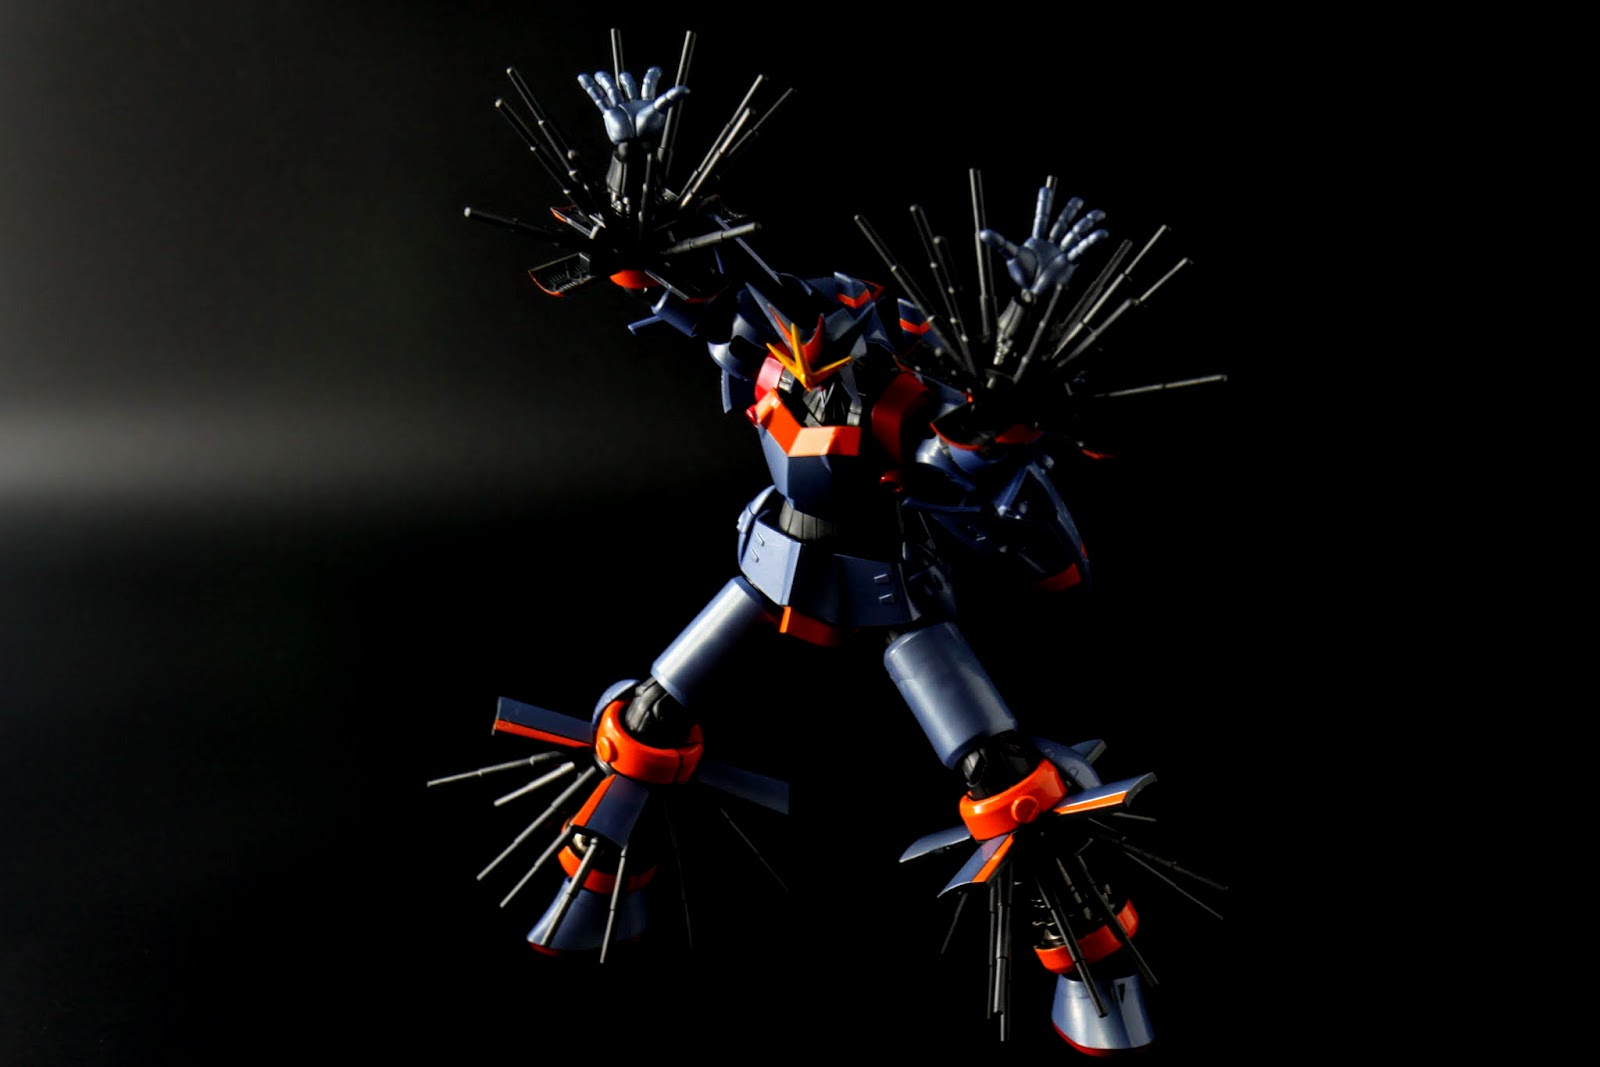 ダブルバスター~~~コレダー!!!!! 就是雙手雙腳都伸出電擊棒給宇宙怪獸一個暢快!